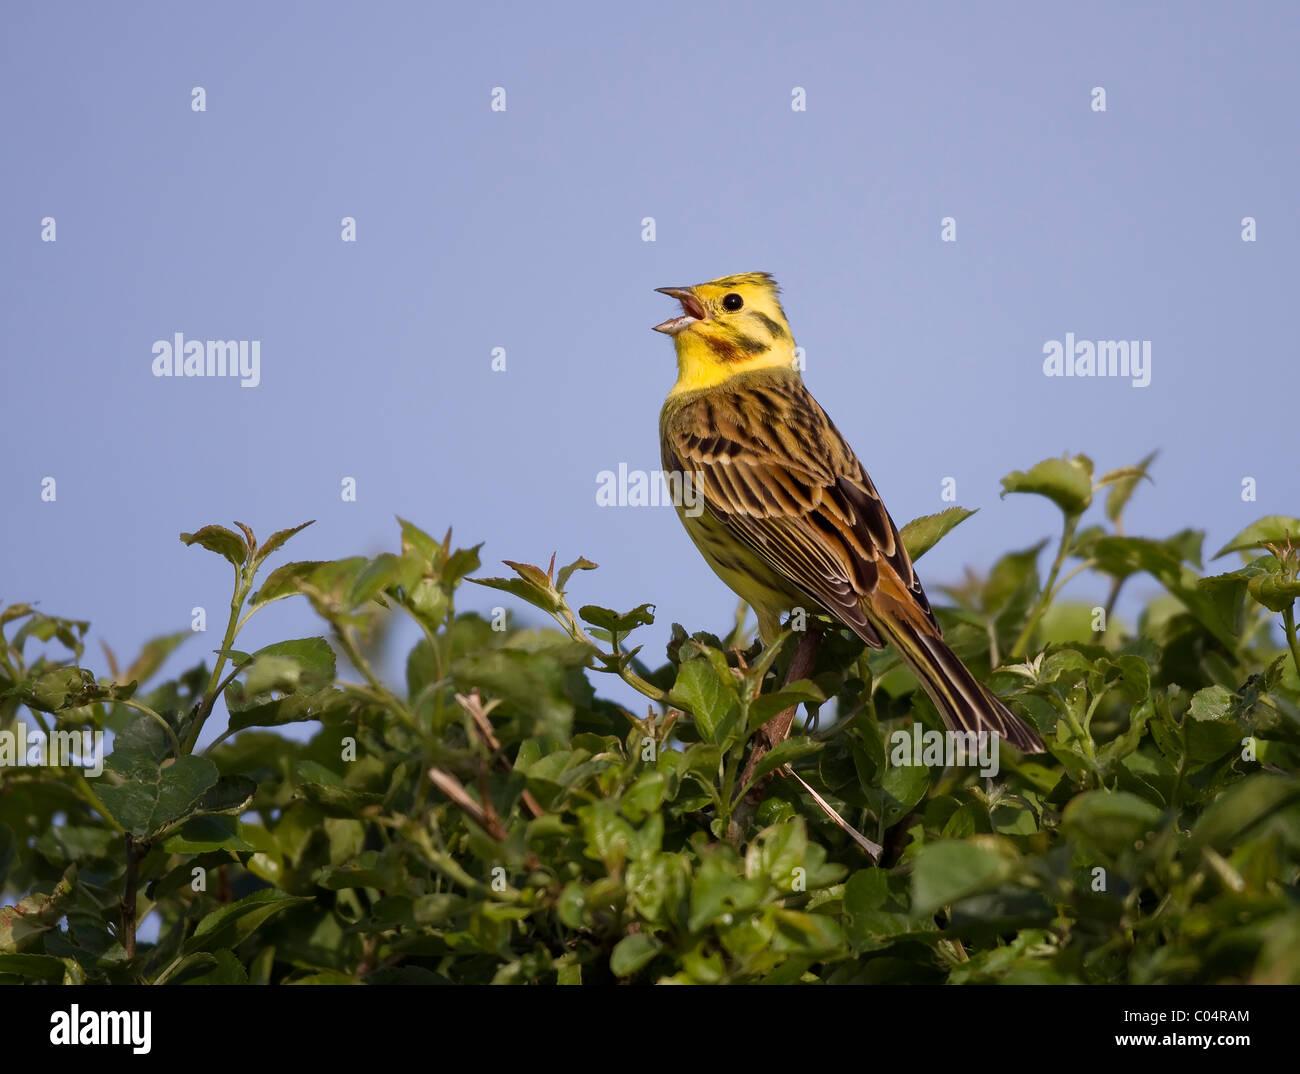 Yellowhammer singing - Stock Image